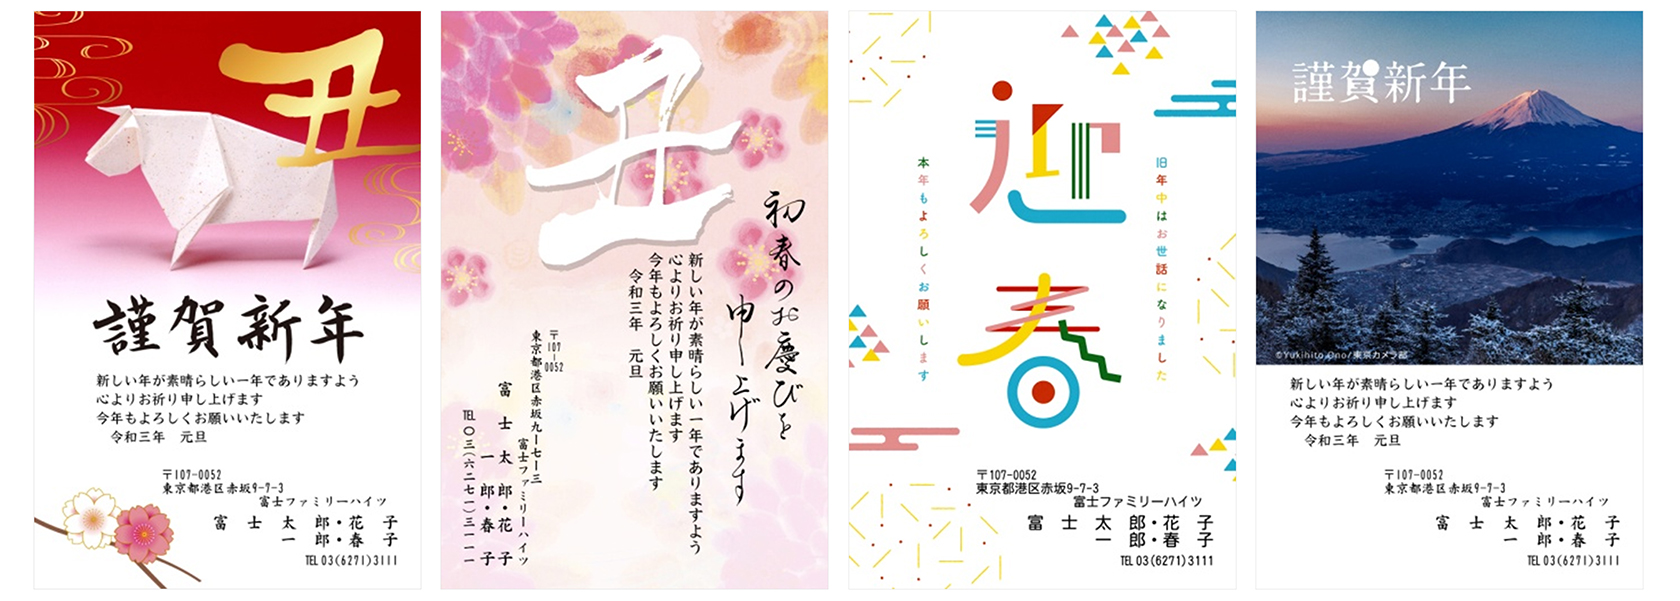 [画像]イラストデザインの年賀状